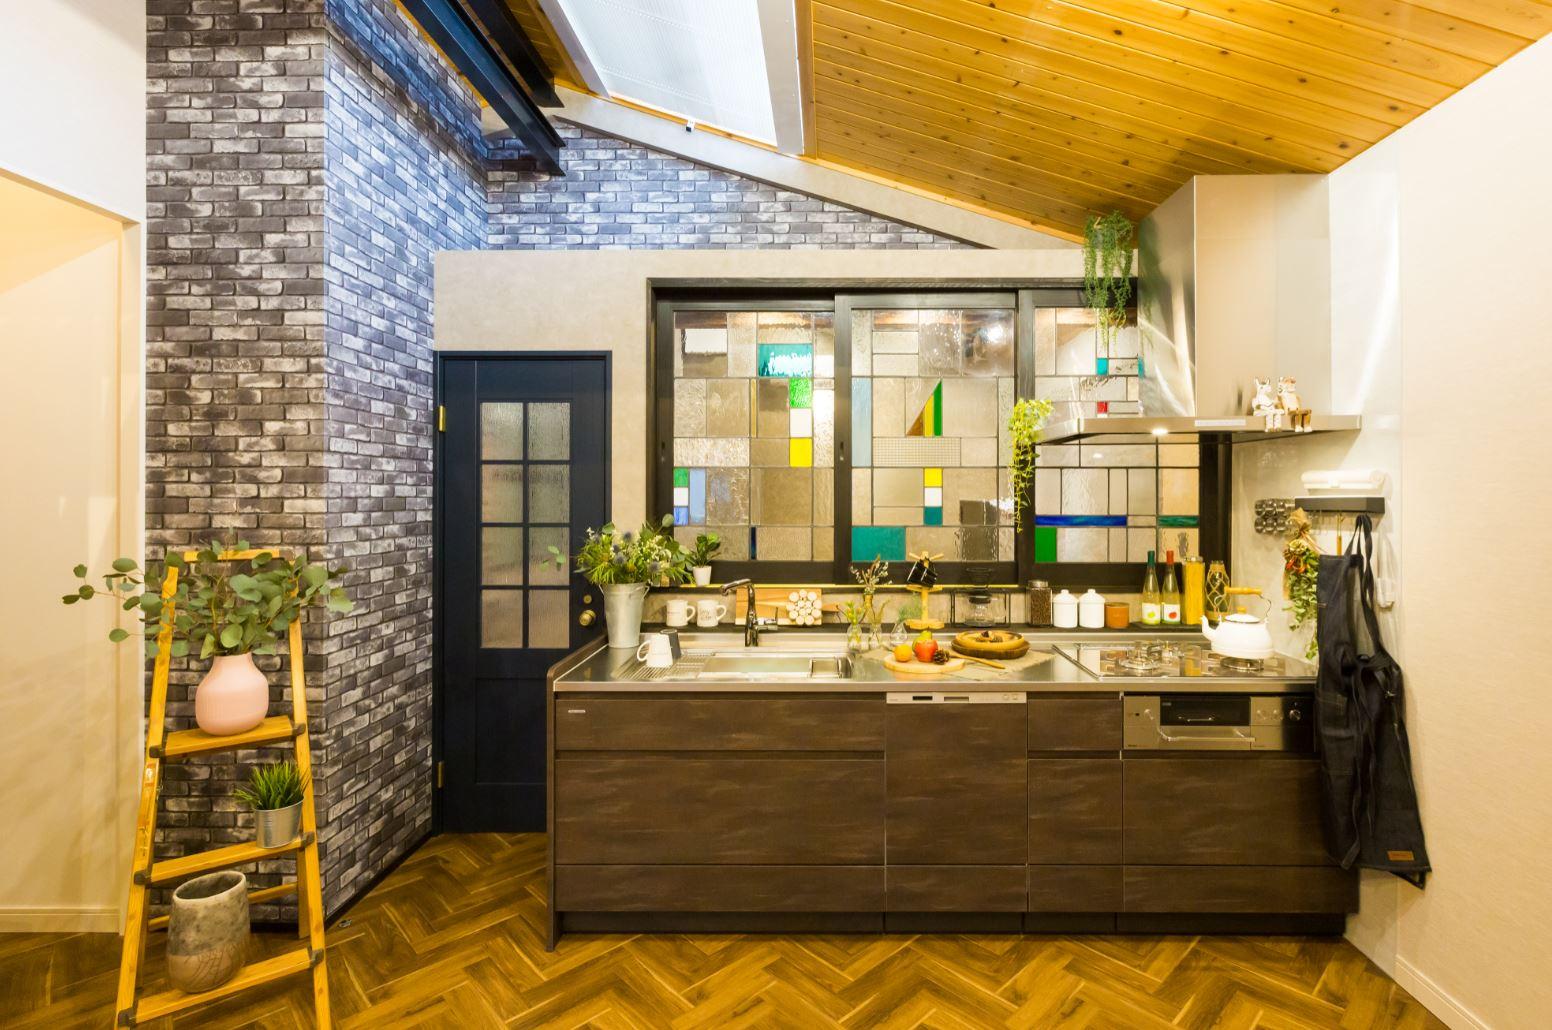 タツミハウジング【豊川市伊奈町前山19-12・モデルハウス】リニューアルして新設したキッチンスペース。ステンドグラスの造作窓が個性的。洗練されたインテリア空間に圧倒される